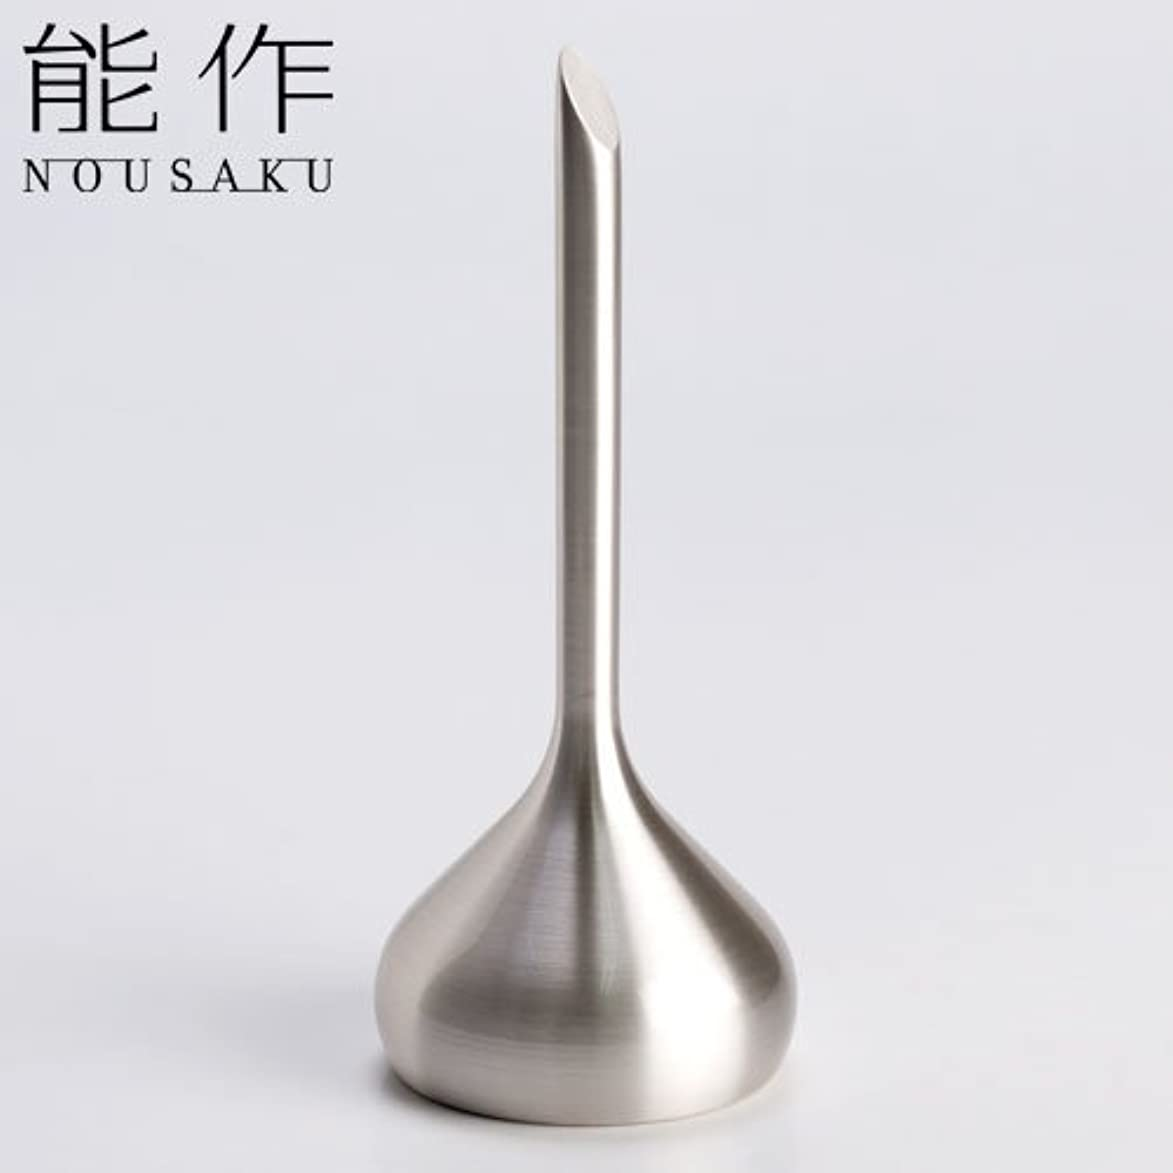 悪名高い命題シンプルな能作 ベル(呼び鈴)オニオンシルバー能作真鍮製のインテリア?ホームアクセサリー卓上ベル